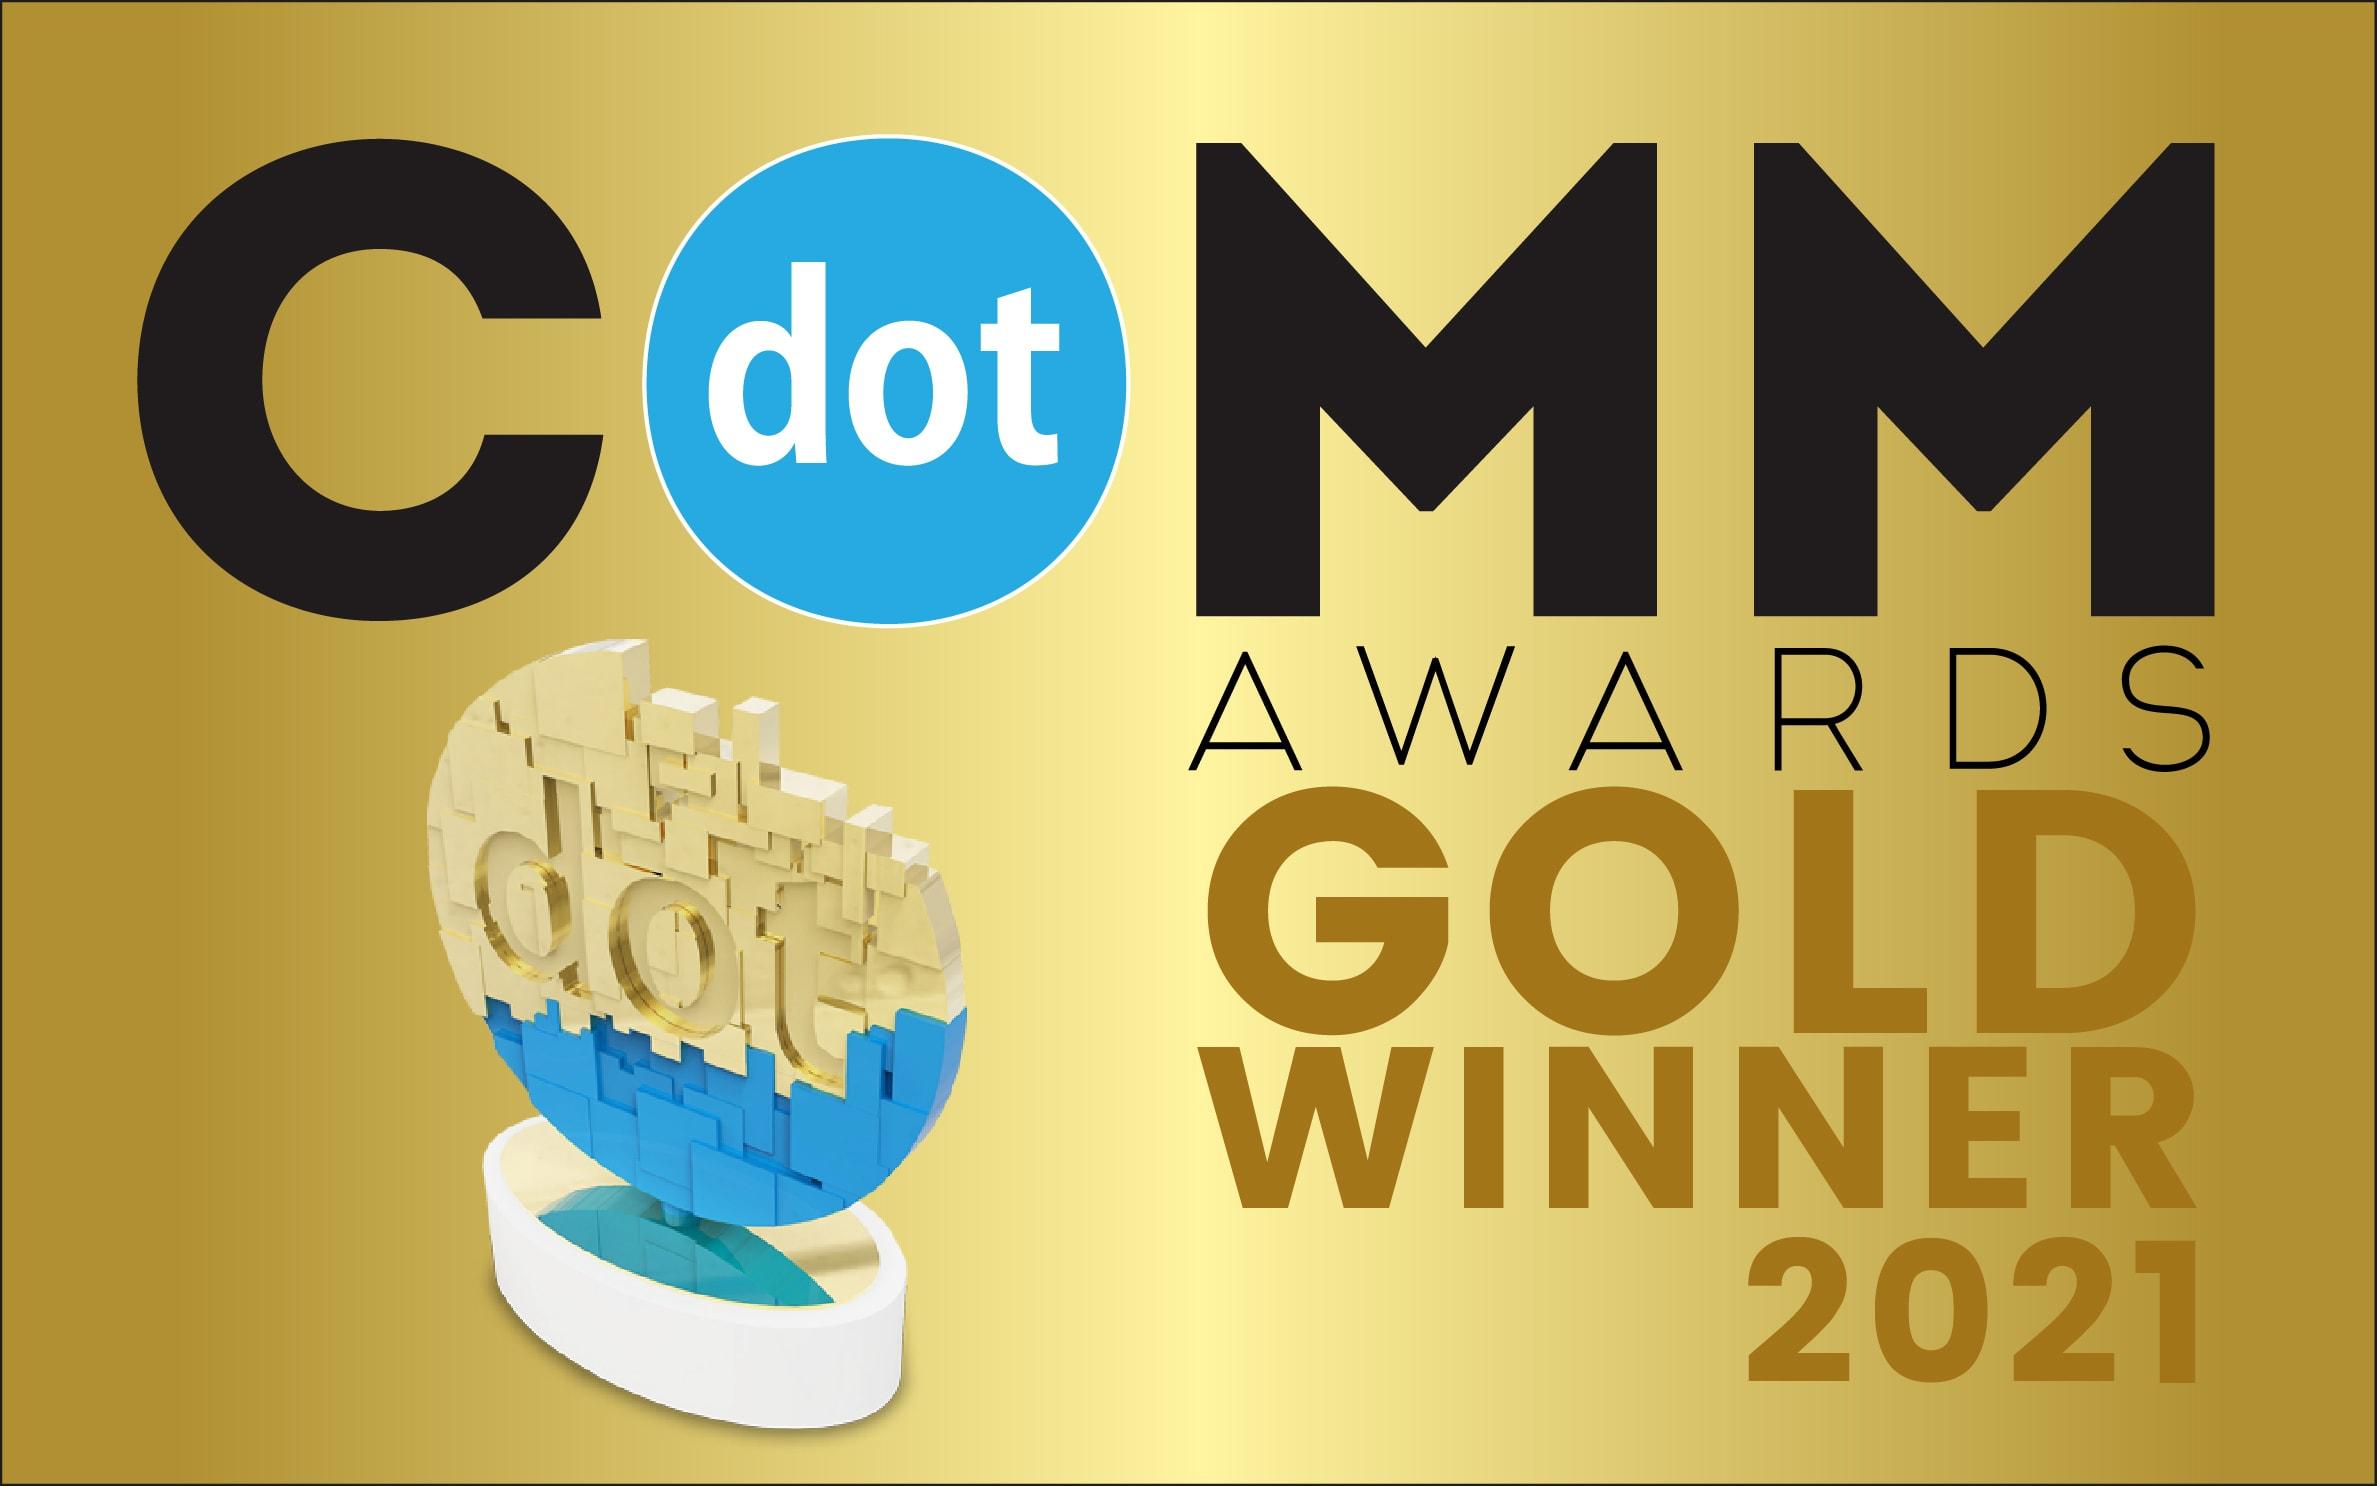 dotCOMM Awards Gold Winner 2021